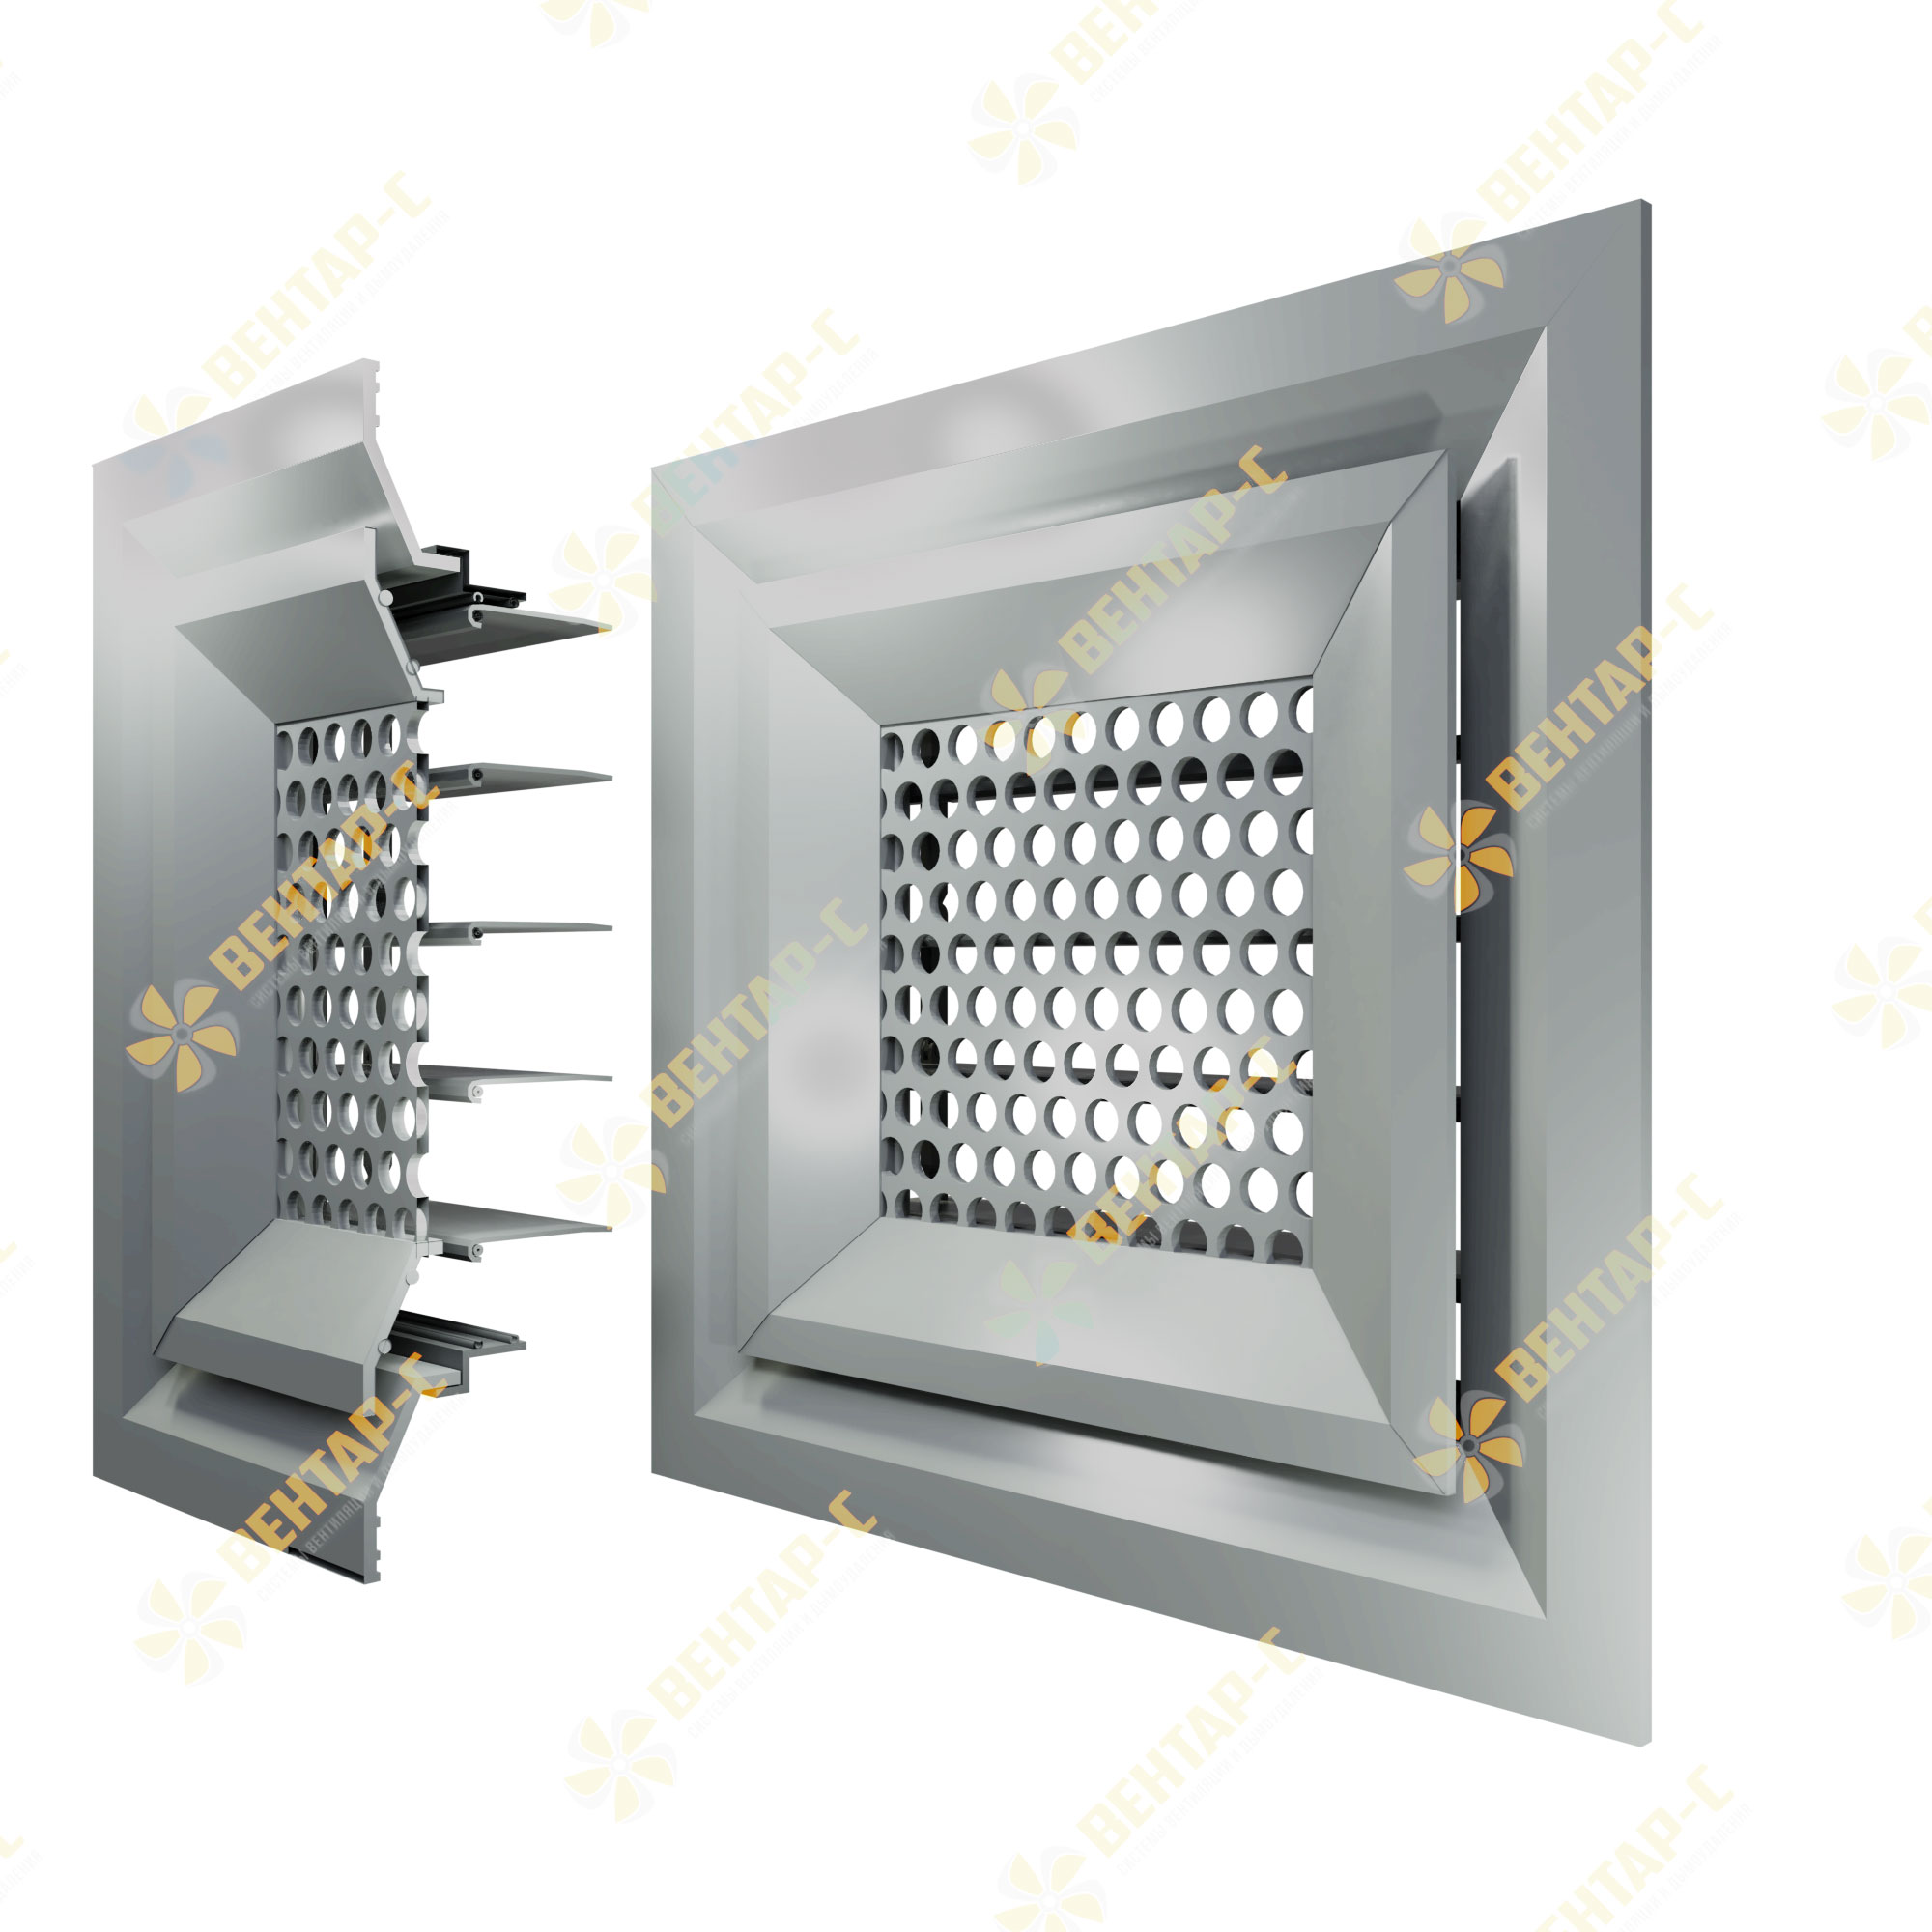 Потолочная перфорированная вентиляционная решетка 4ВРПБ с блоком регулировки воздуха